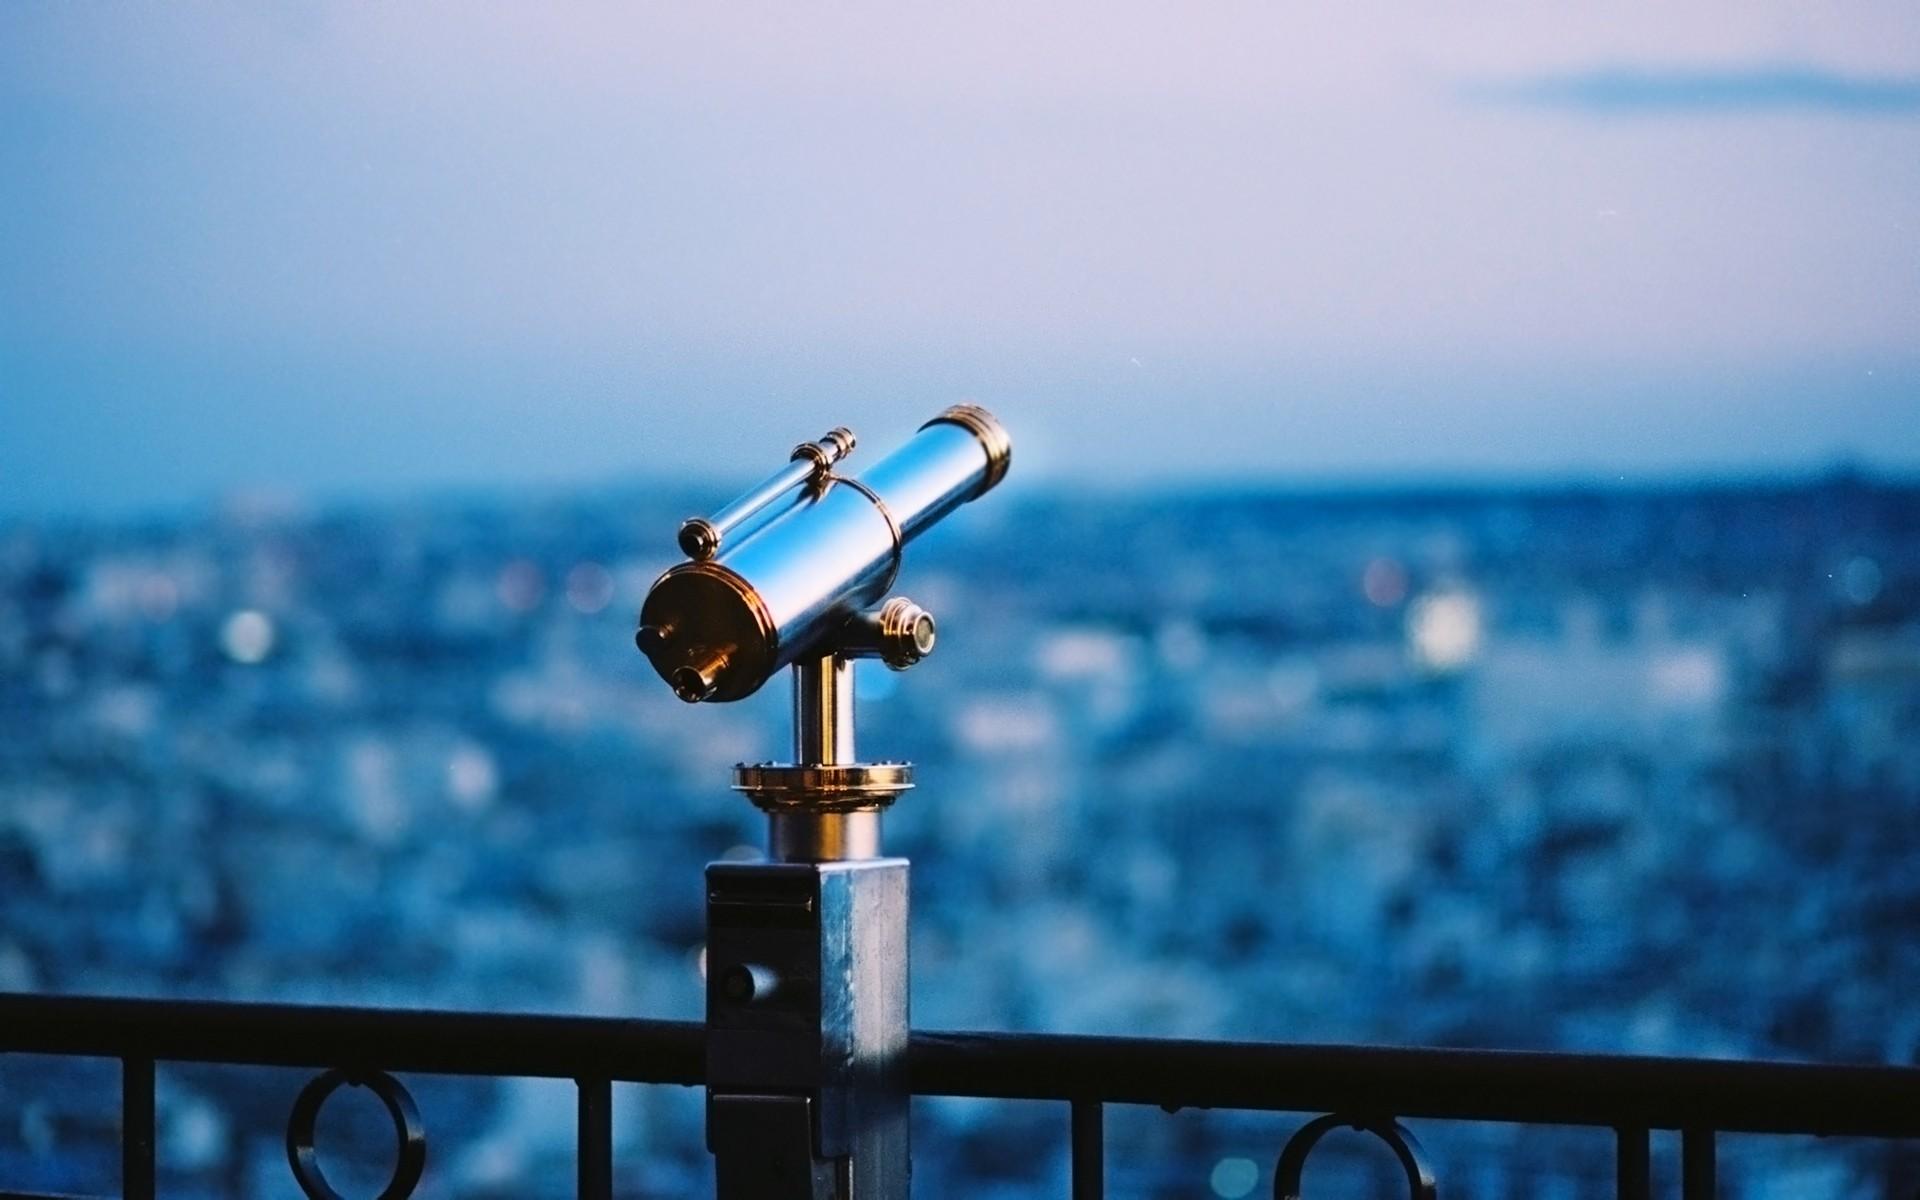 Германия проинформировала российско-европейской обсерватории телескоп за90млневро